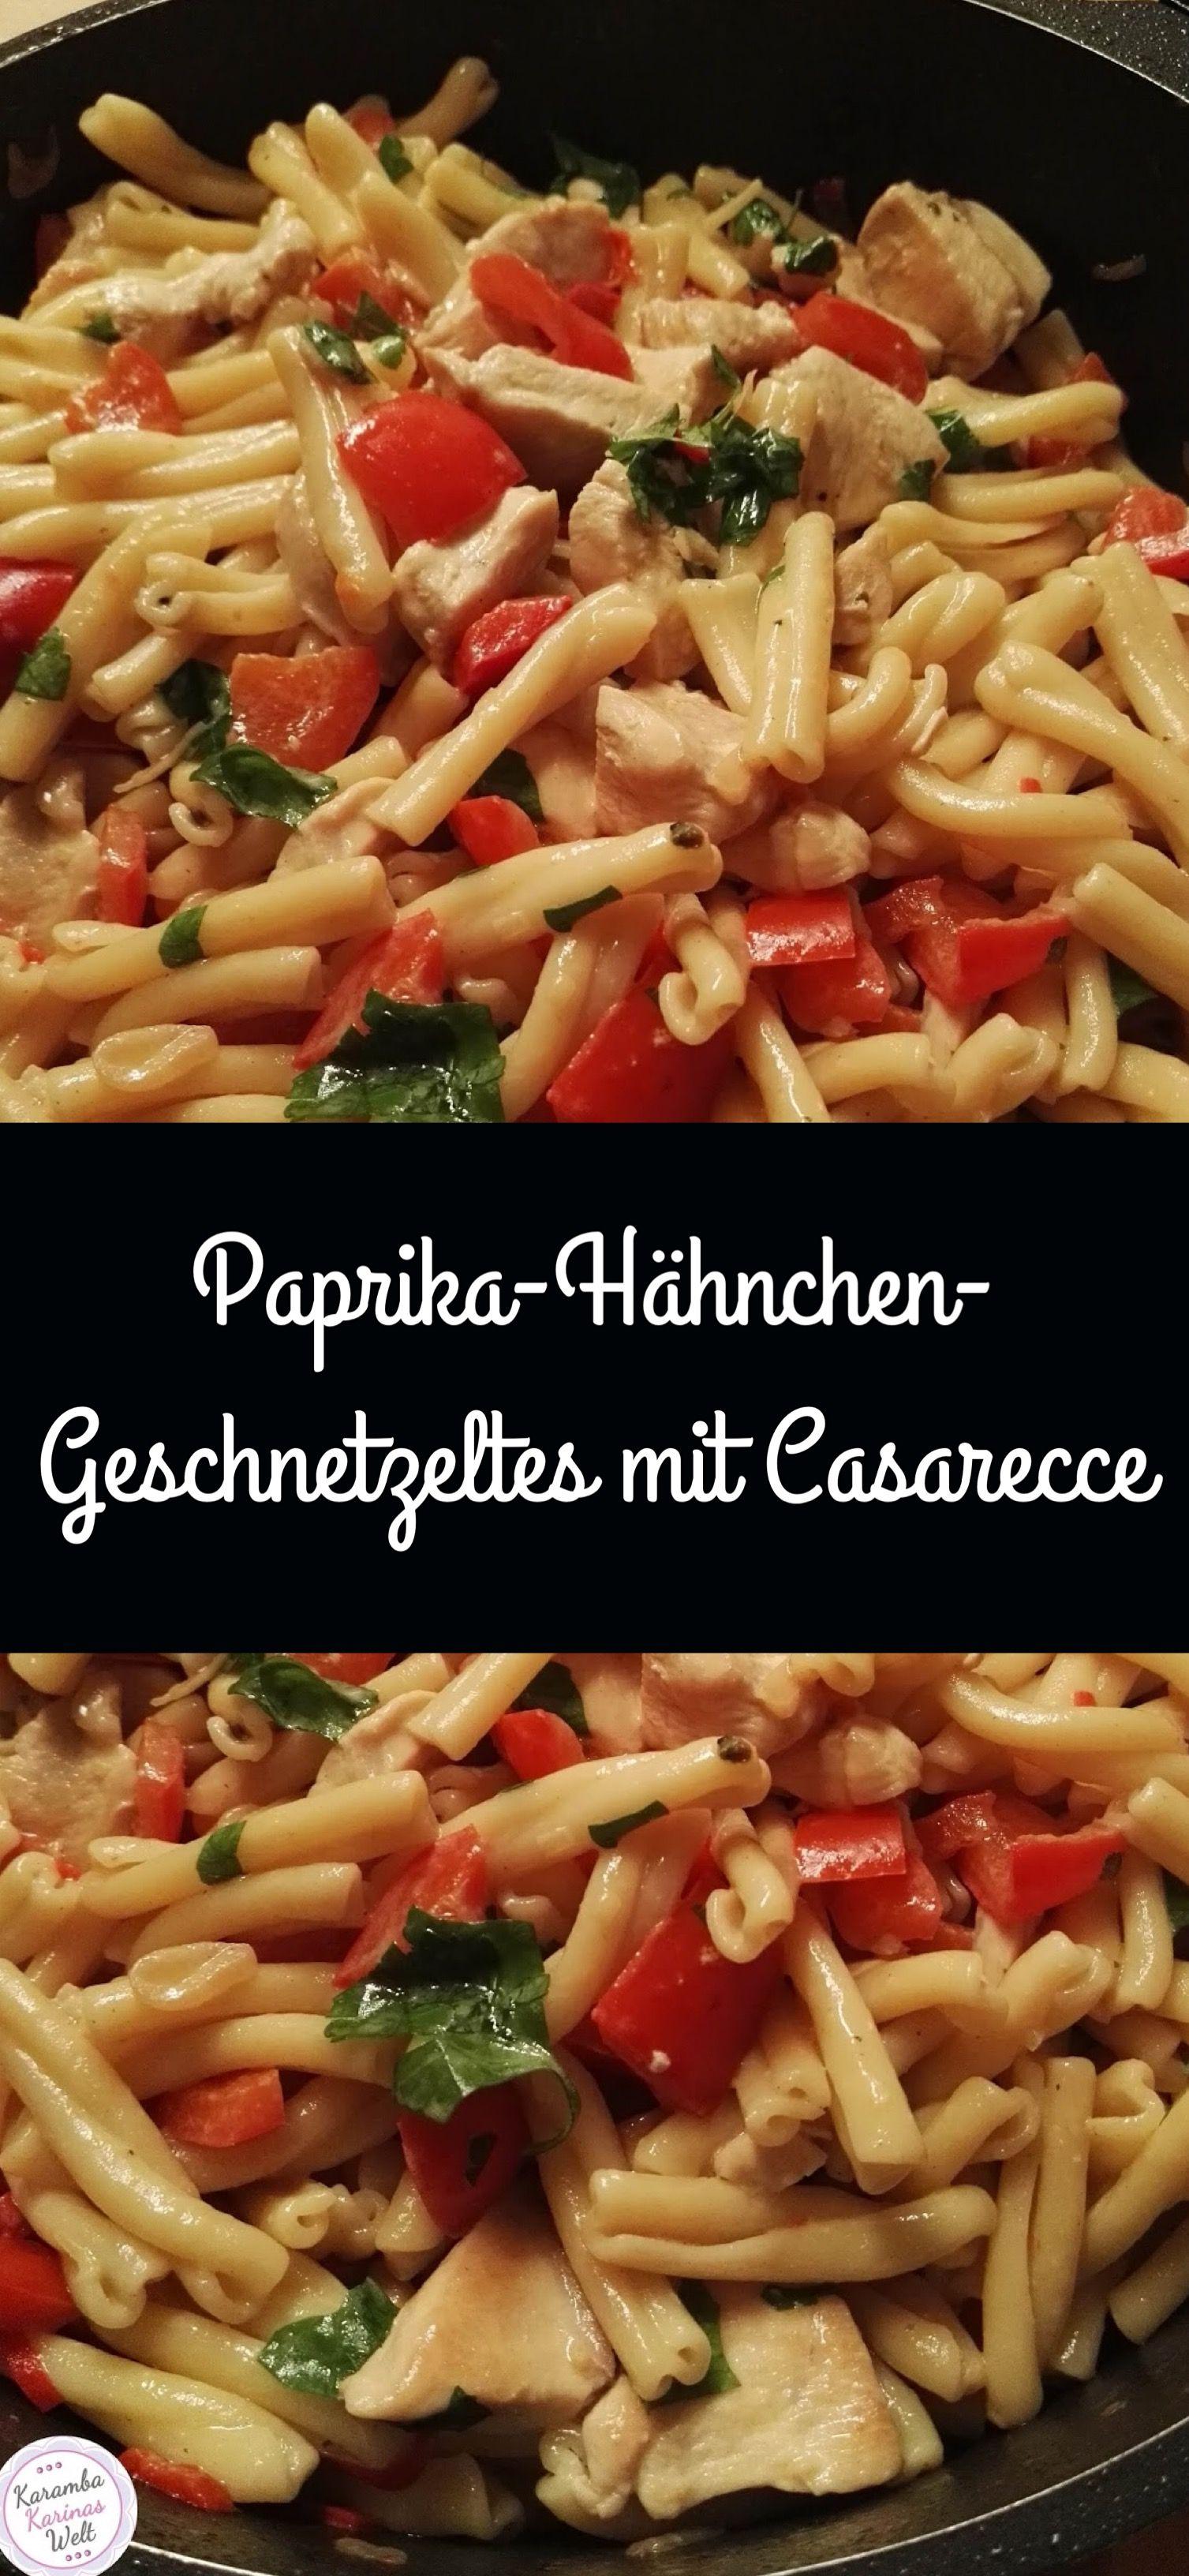 Paprika-Hähnchen-Geschnetzeltes mit Casarecce #todieforchickenenchiladas